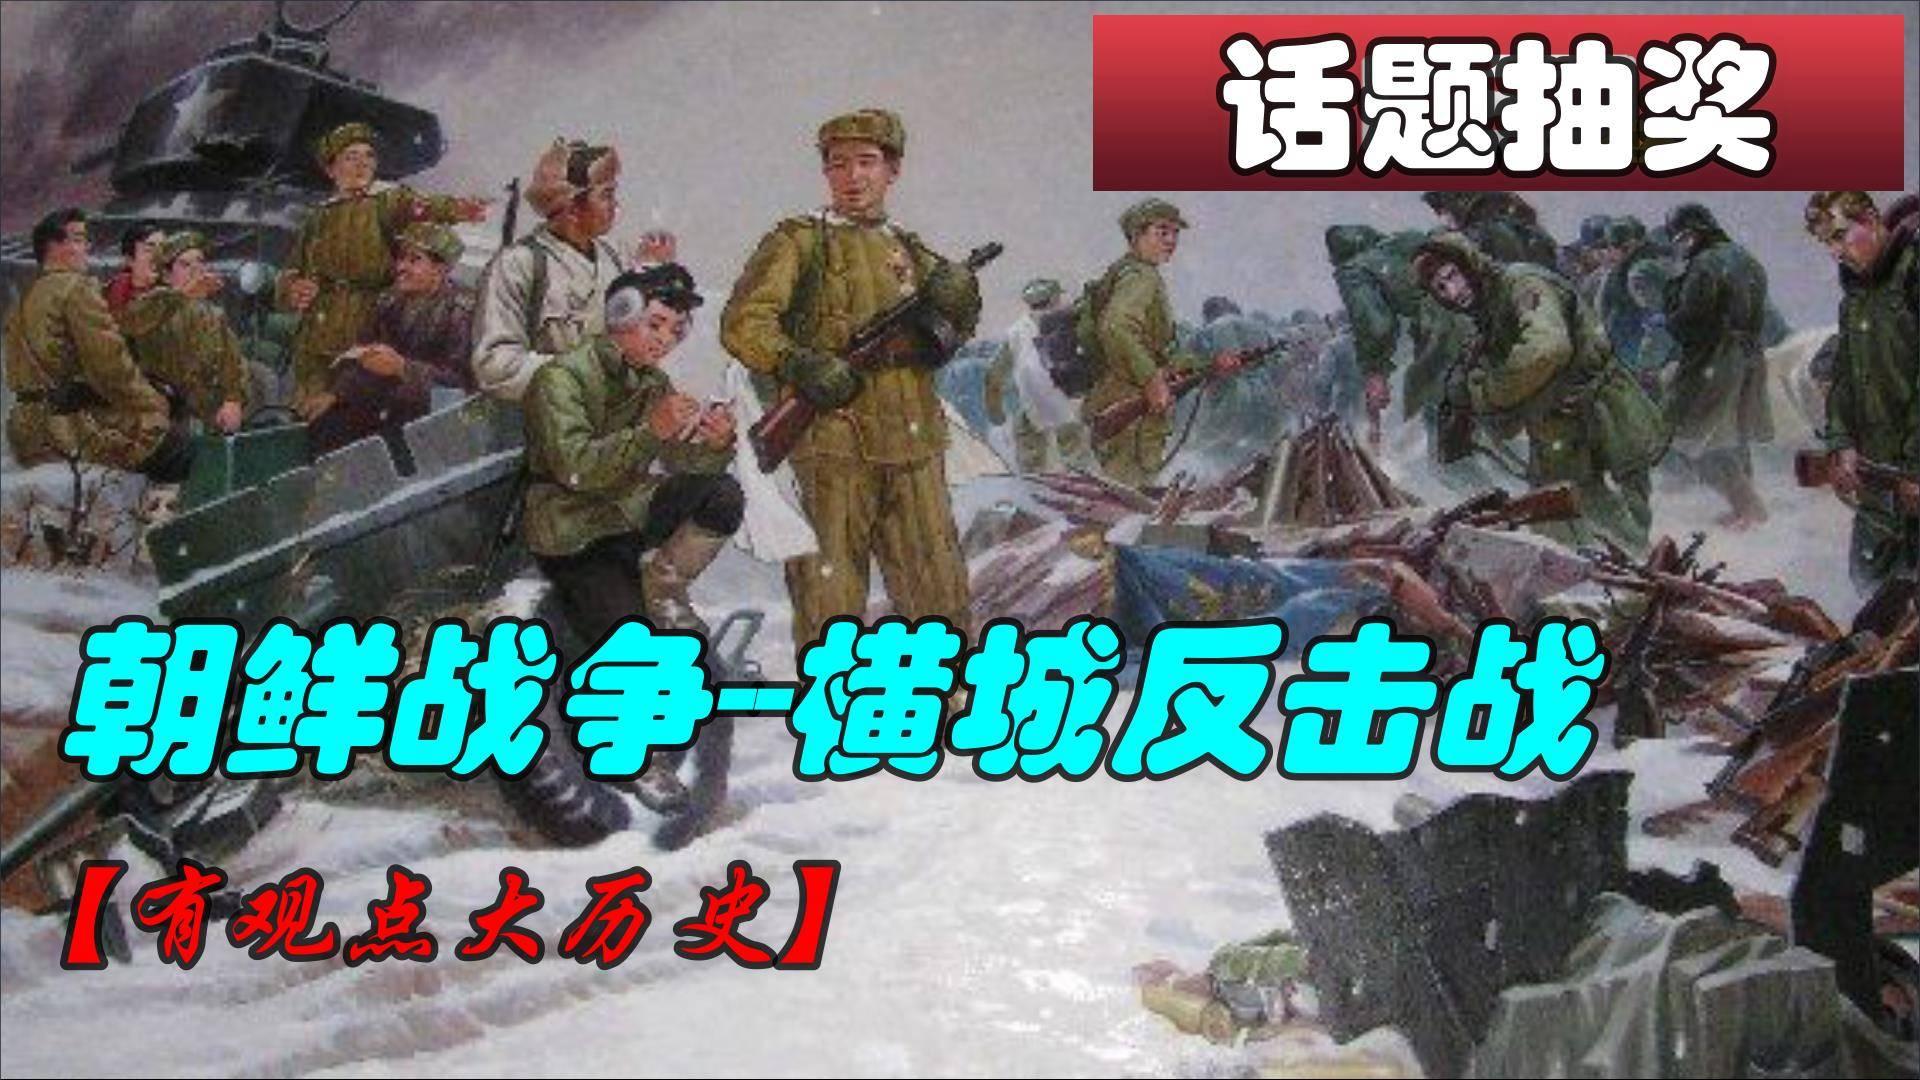 【话题&抽奖】朝鲜战争--横城反击战